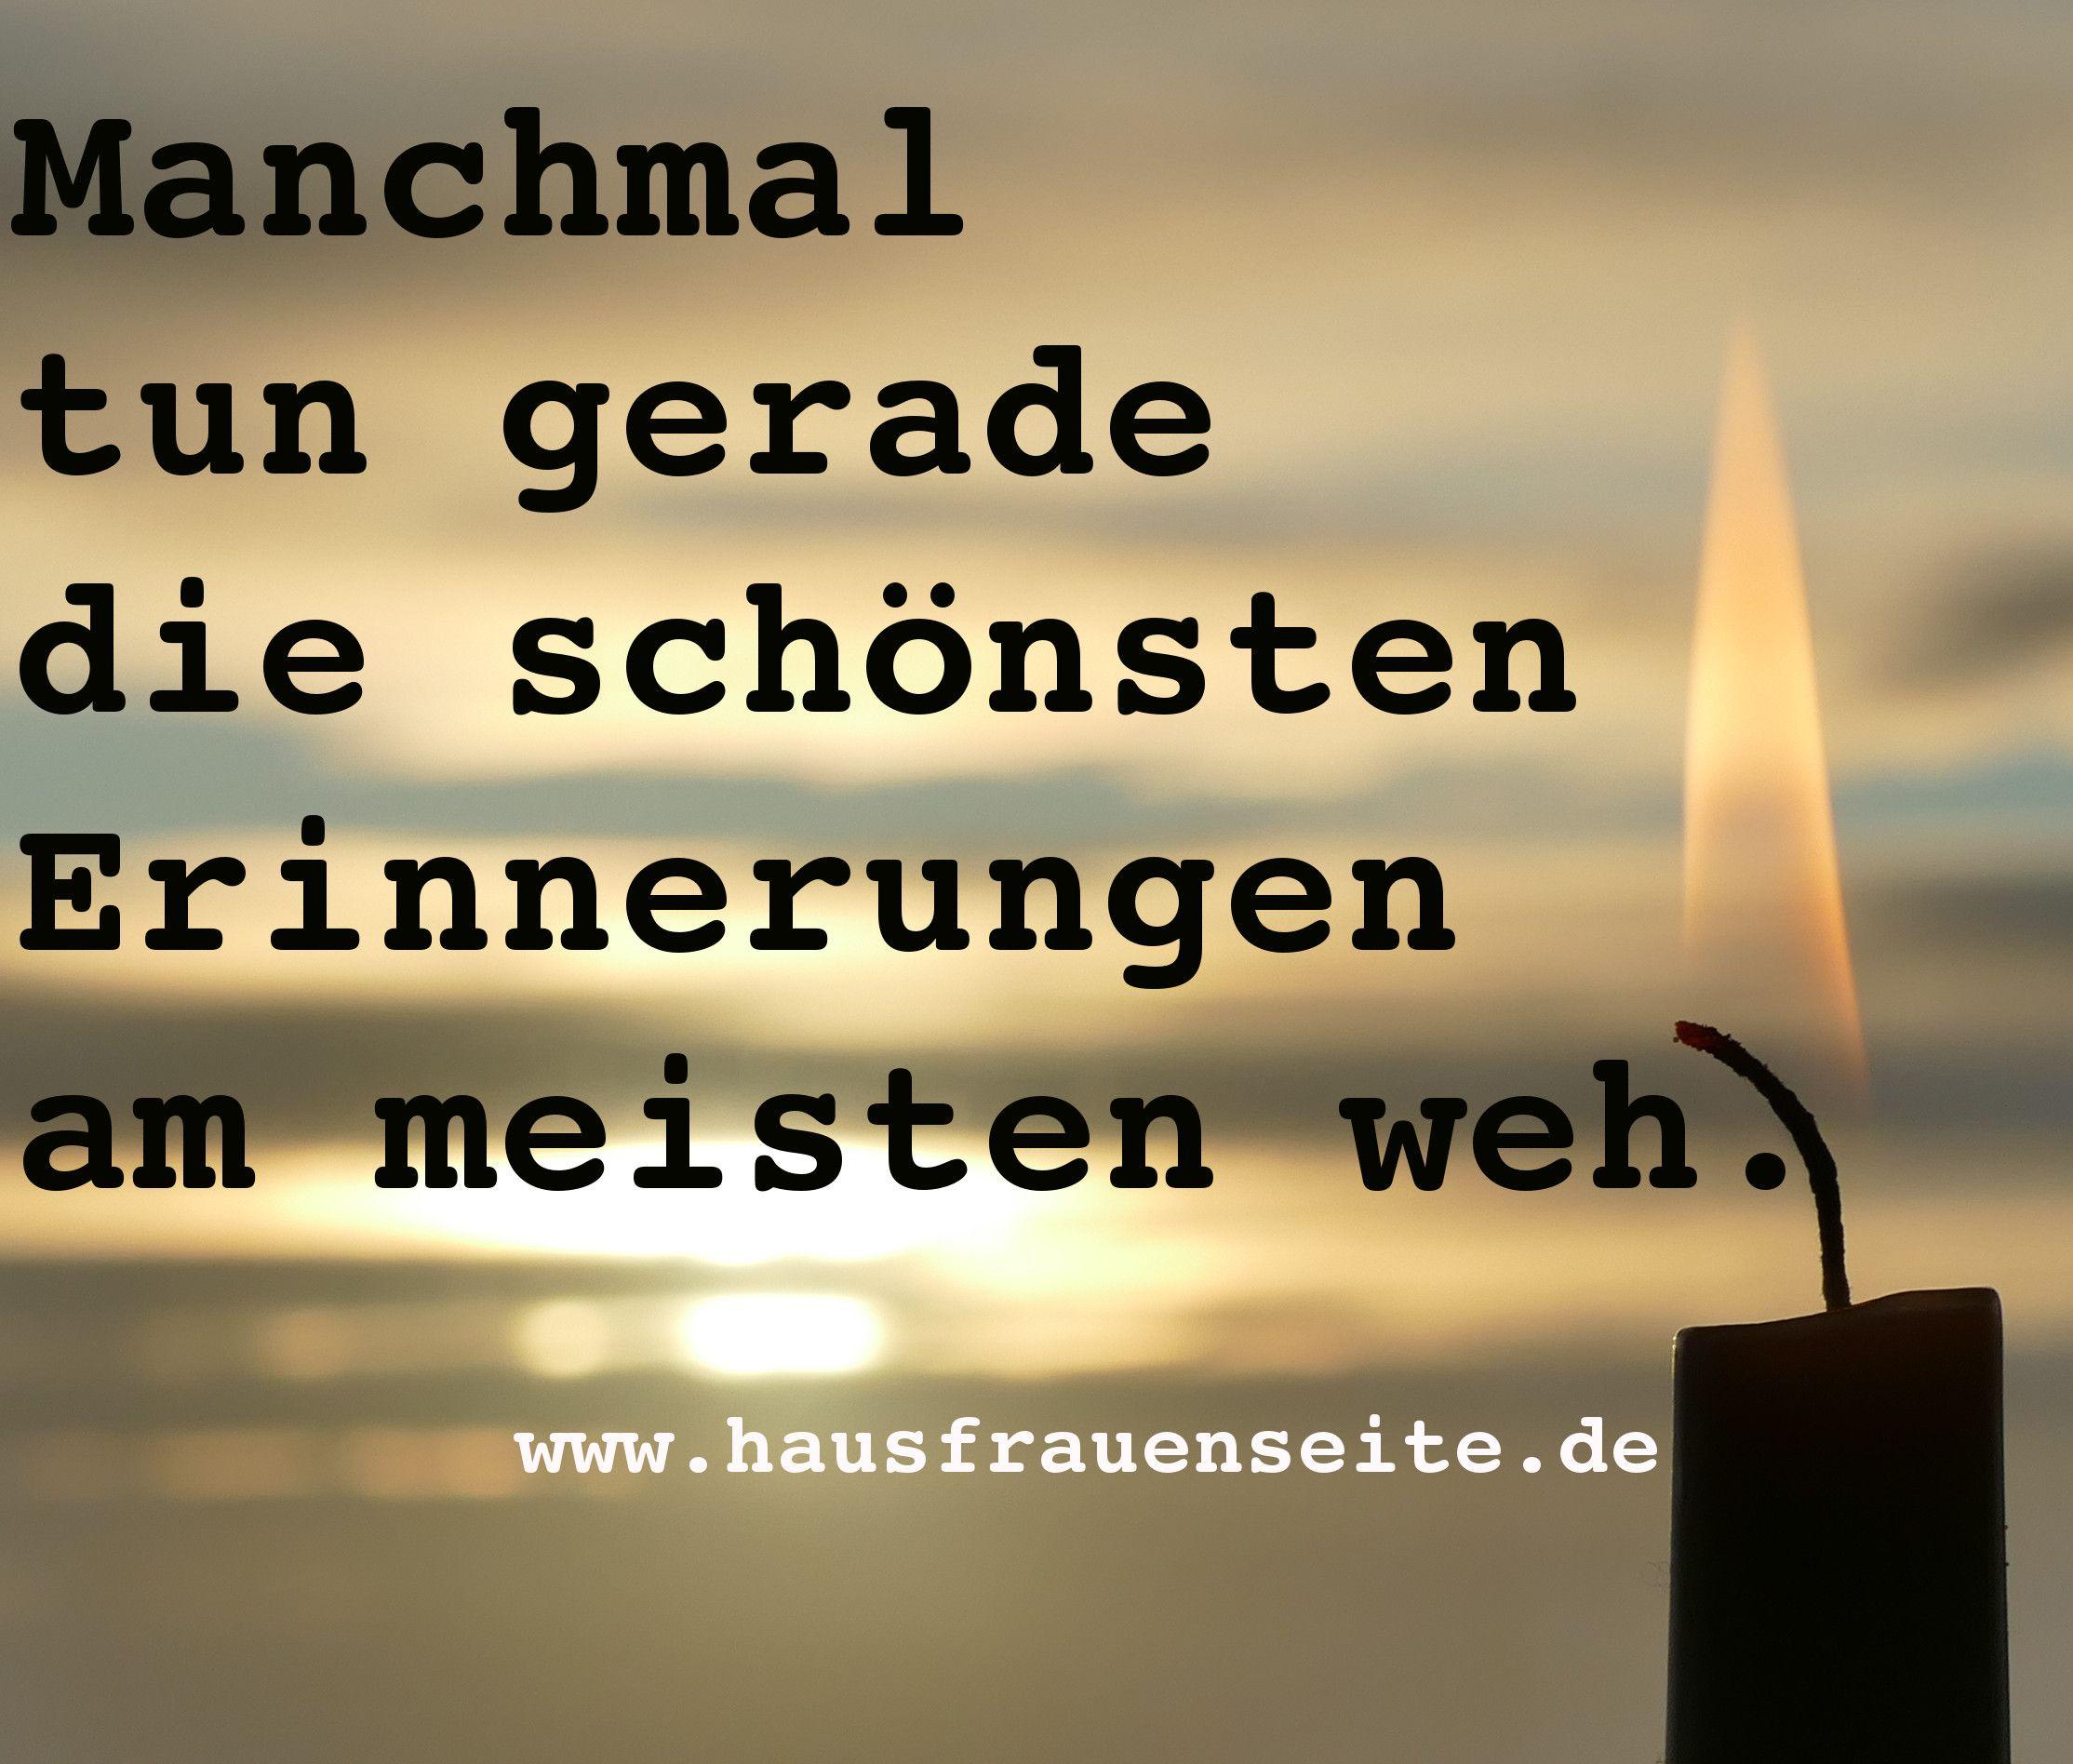 Manchmal Tun Gerade Die Schonsten Erinnerungen Am Meisten Weh Spruche Zitate Leben Spruche Trauer Nachdenkliche Spruche